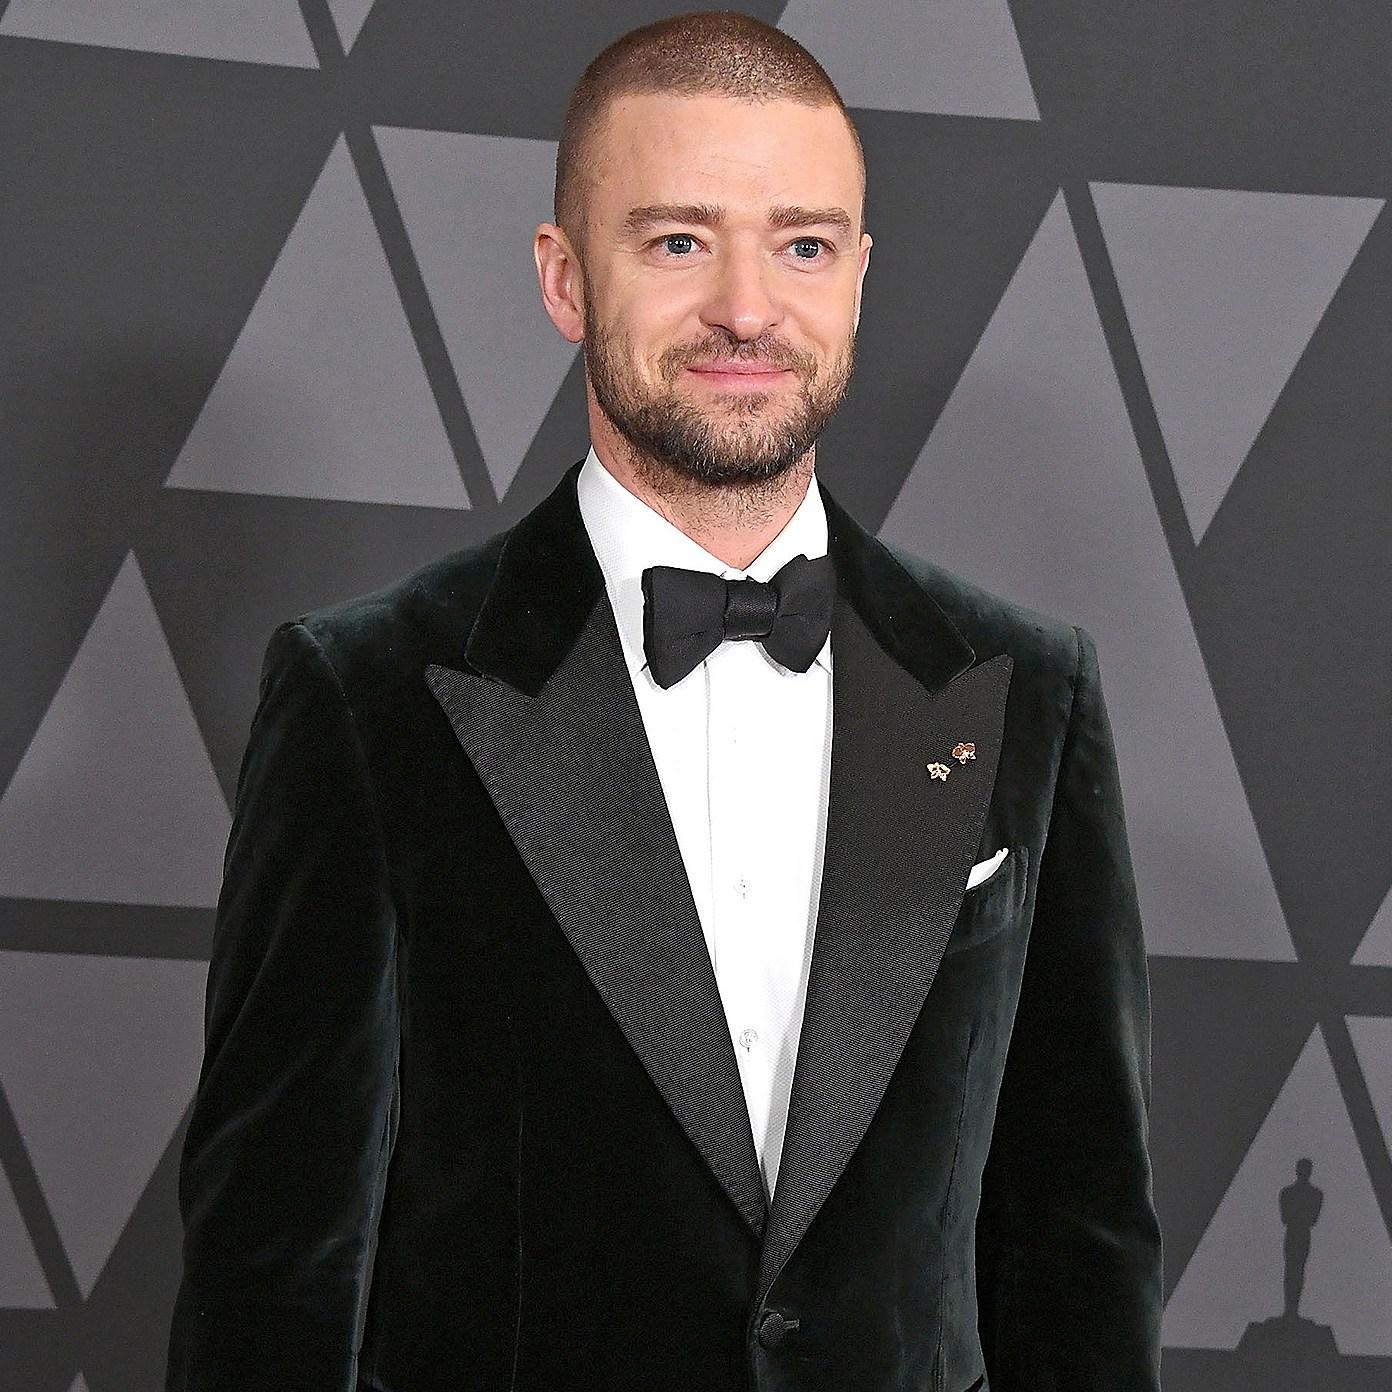 Justin Timberlake, Silas, Jessica Biel, Thanksgiving, Pushups